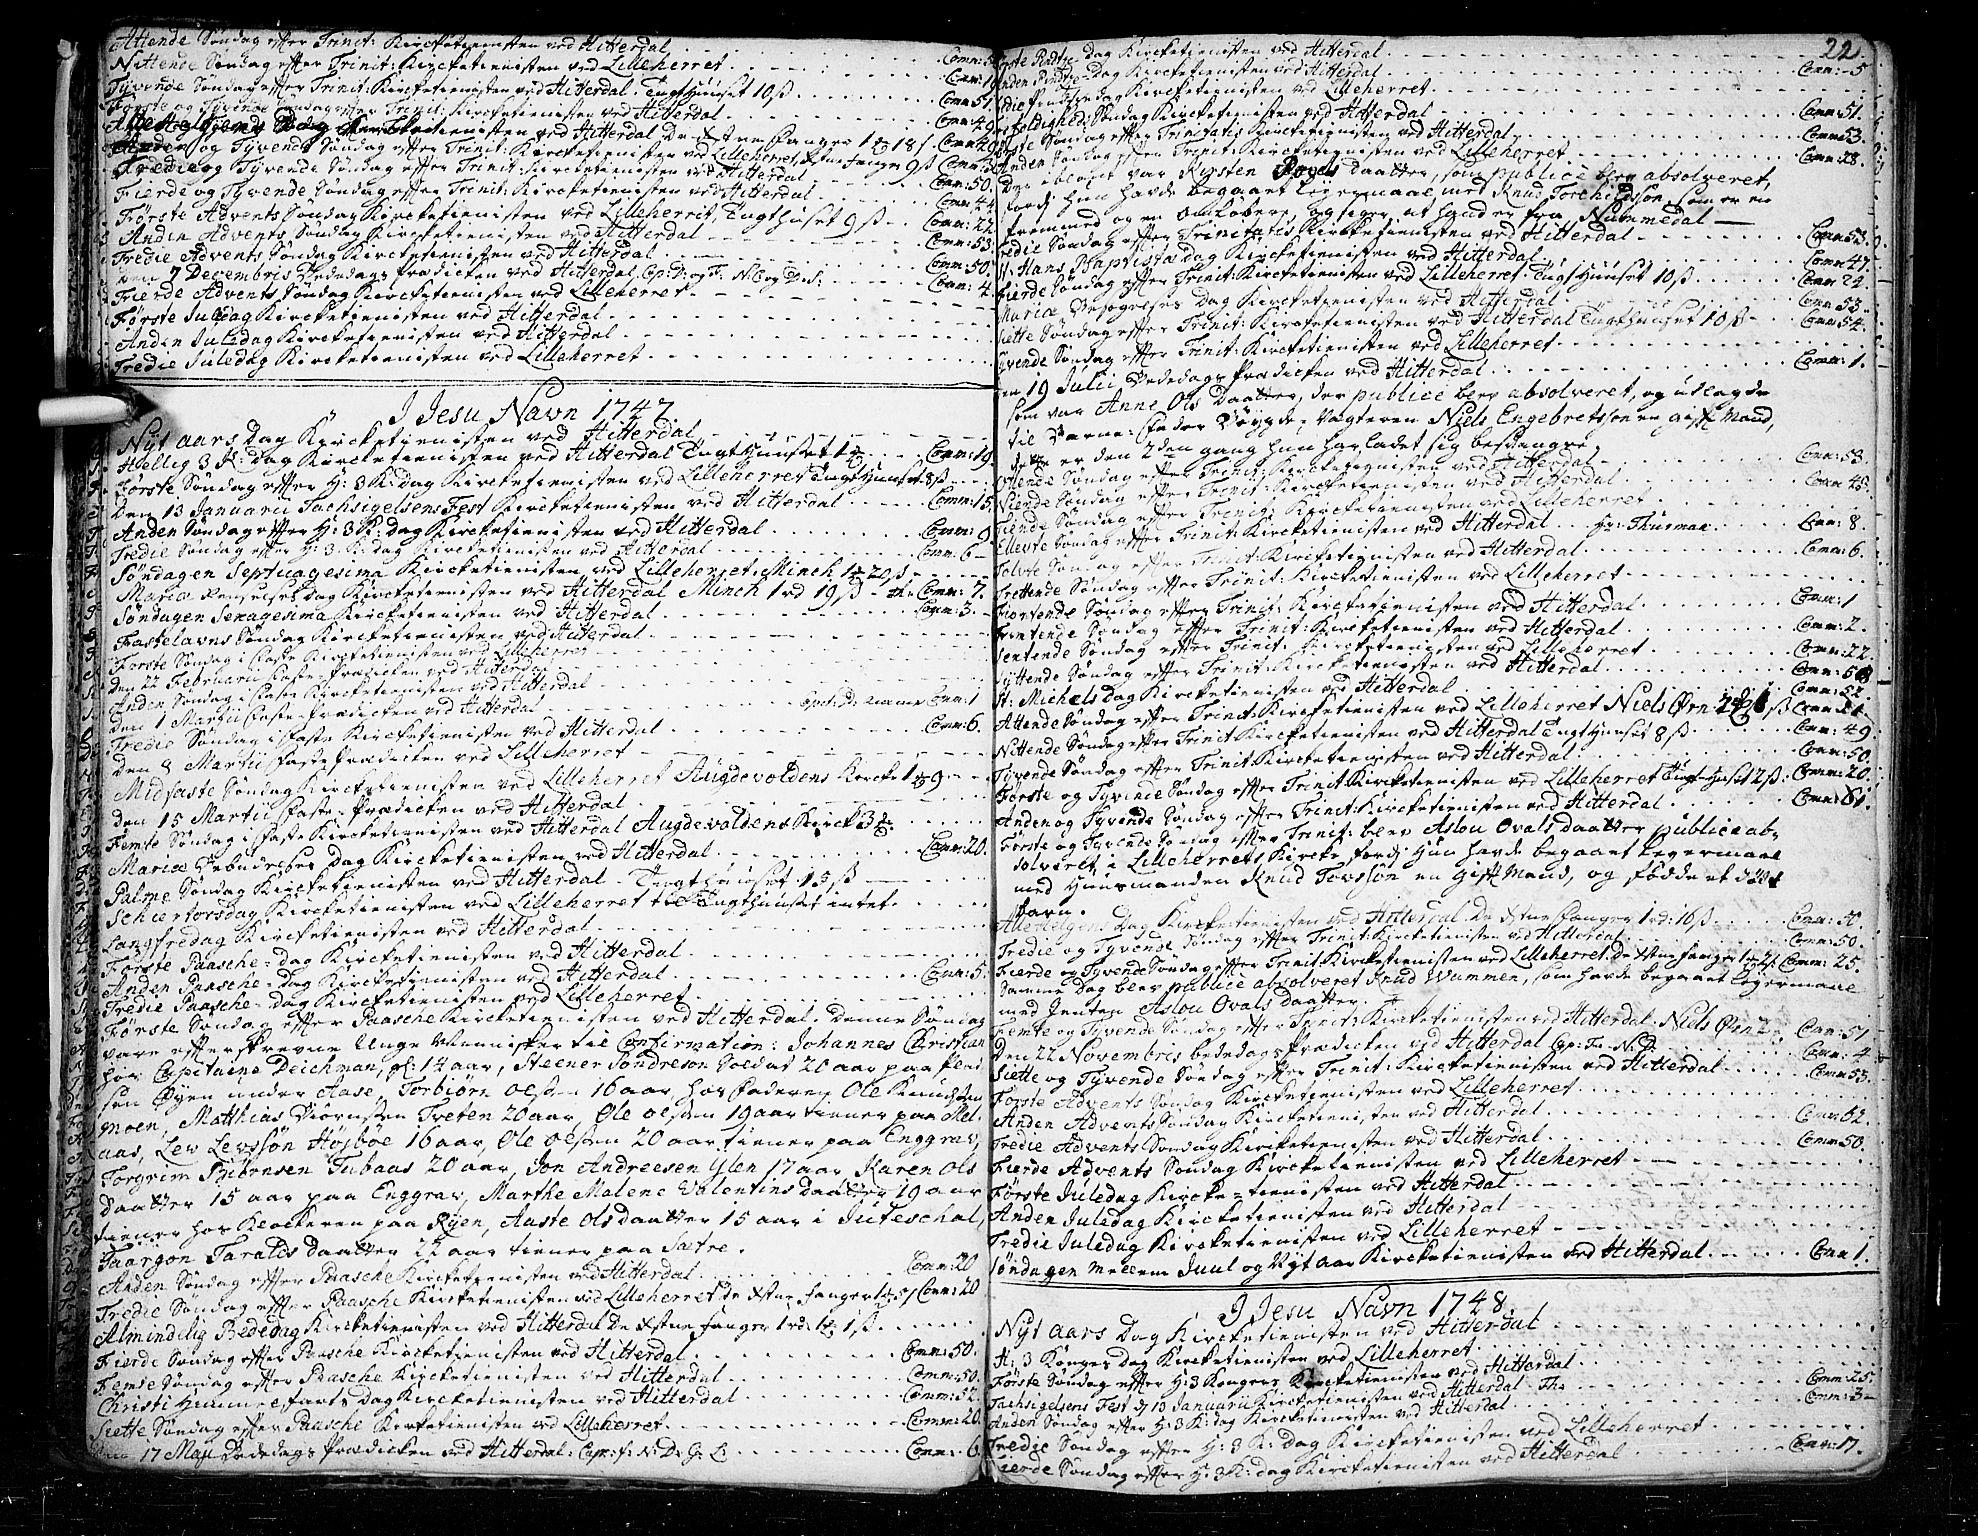 SAKO, Heddal kirkebøker, F/Fa/L0003: Ministerialbok nr. I 3, 1723-1783, s. 22